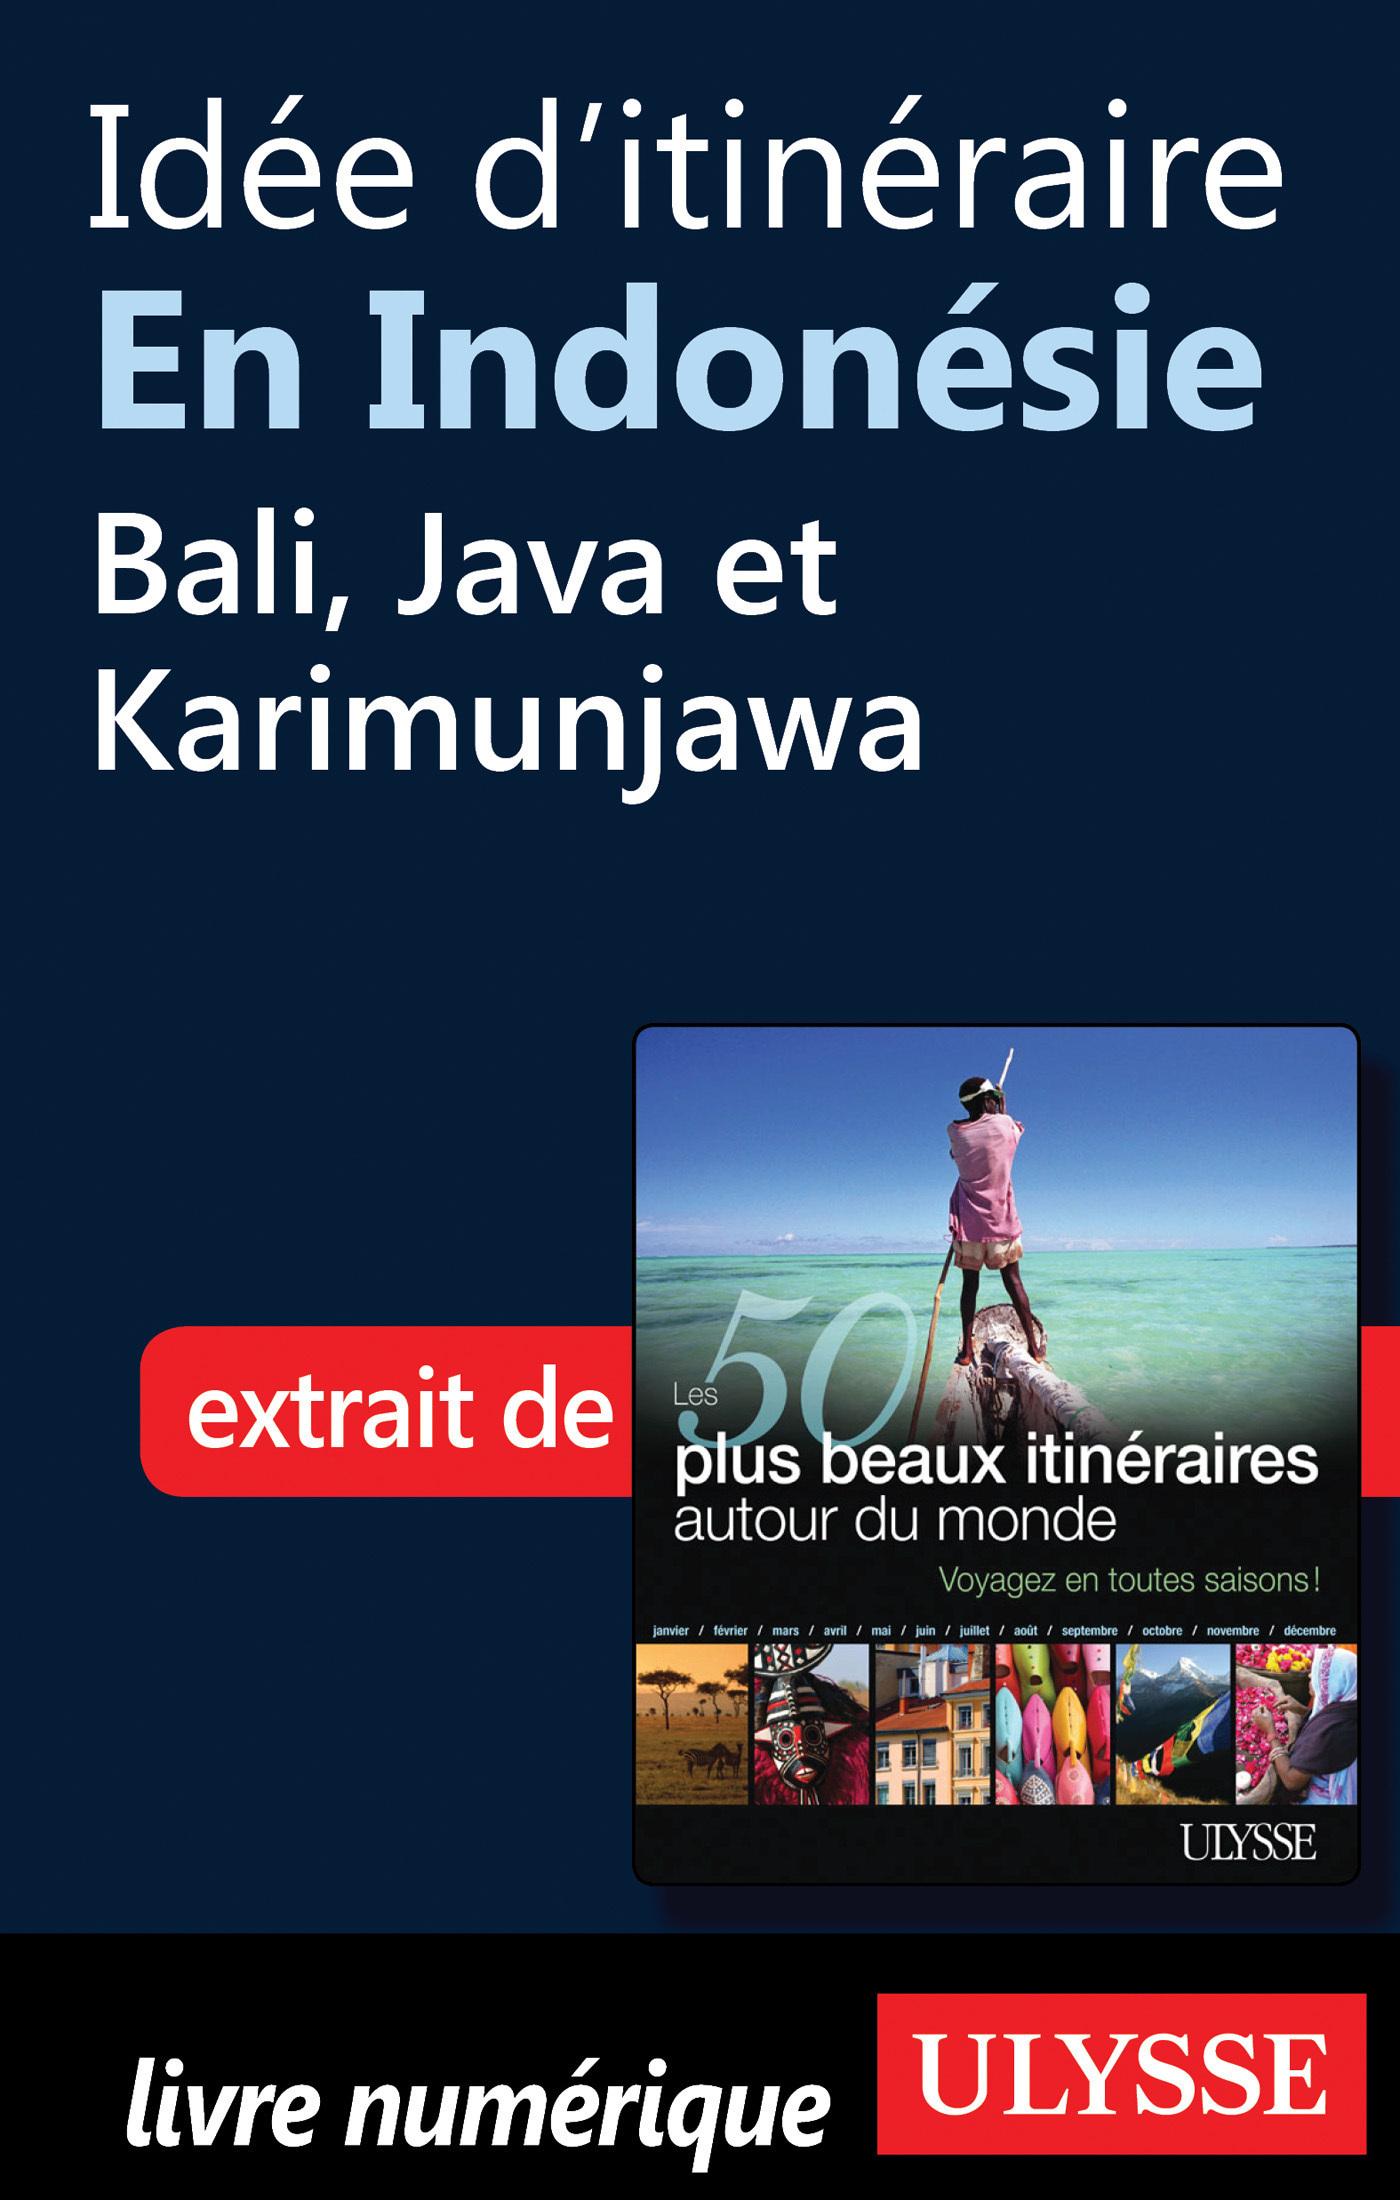 Idée d'itinéraire en Indonésie : Bali, Java et Karimunjawa